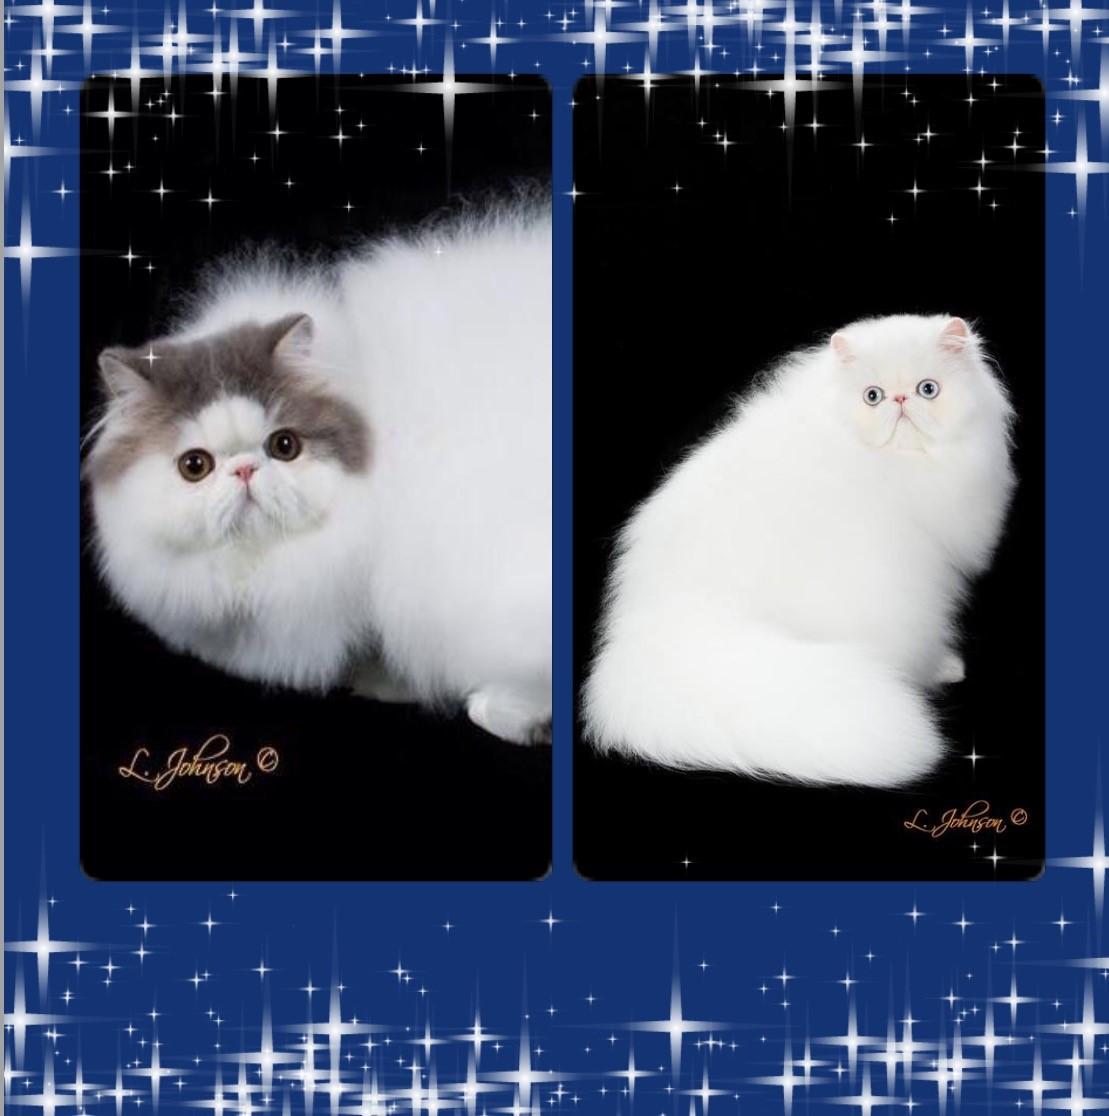 Katzeye Persians